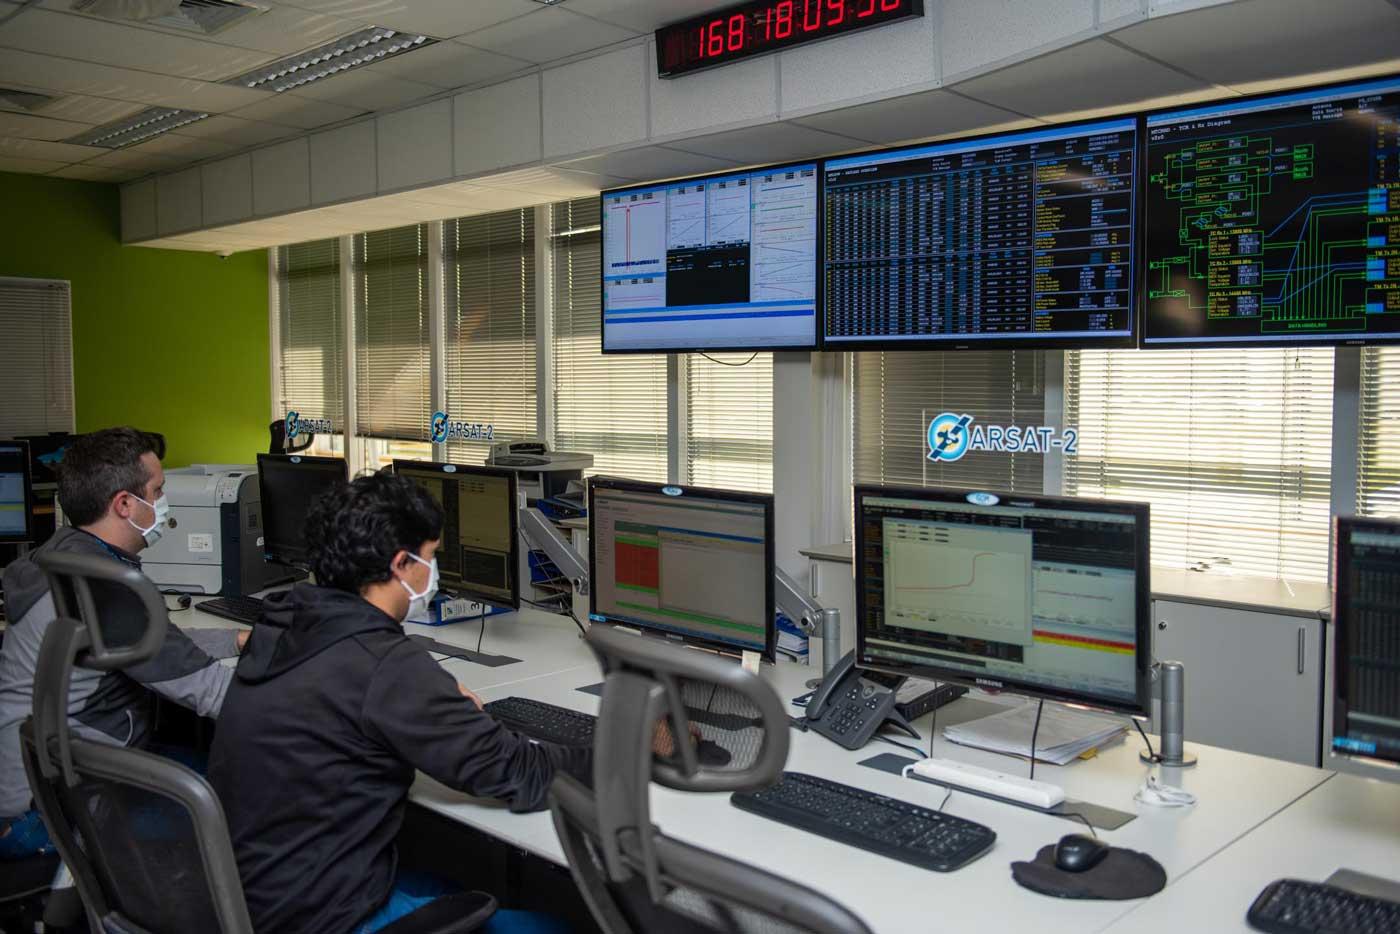 Dos técnicos monitorean y controlan los satélites ARSAT 1 y 2, a través de computadoras en el Centro de Control Satelital.